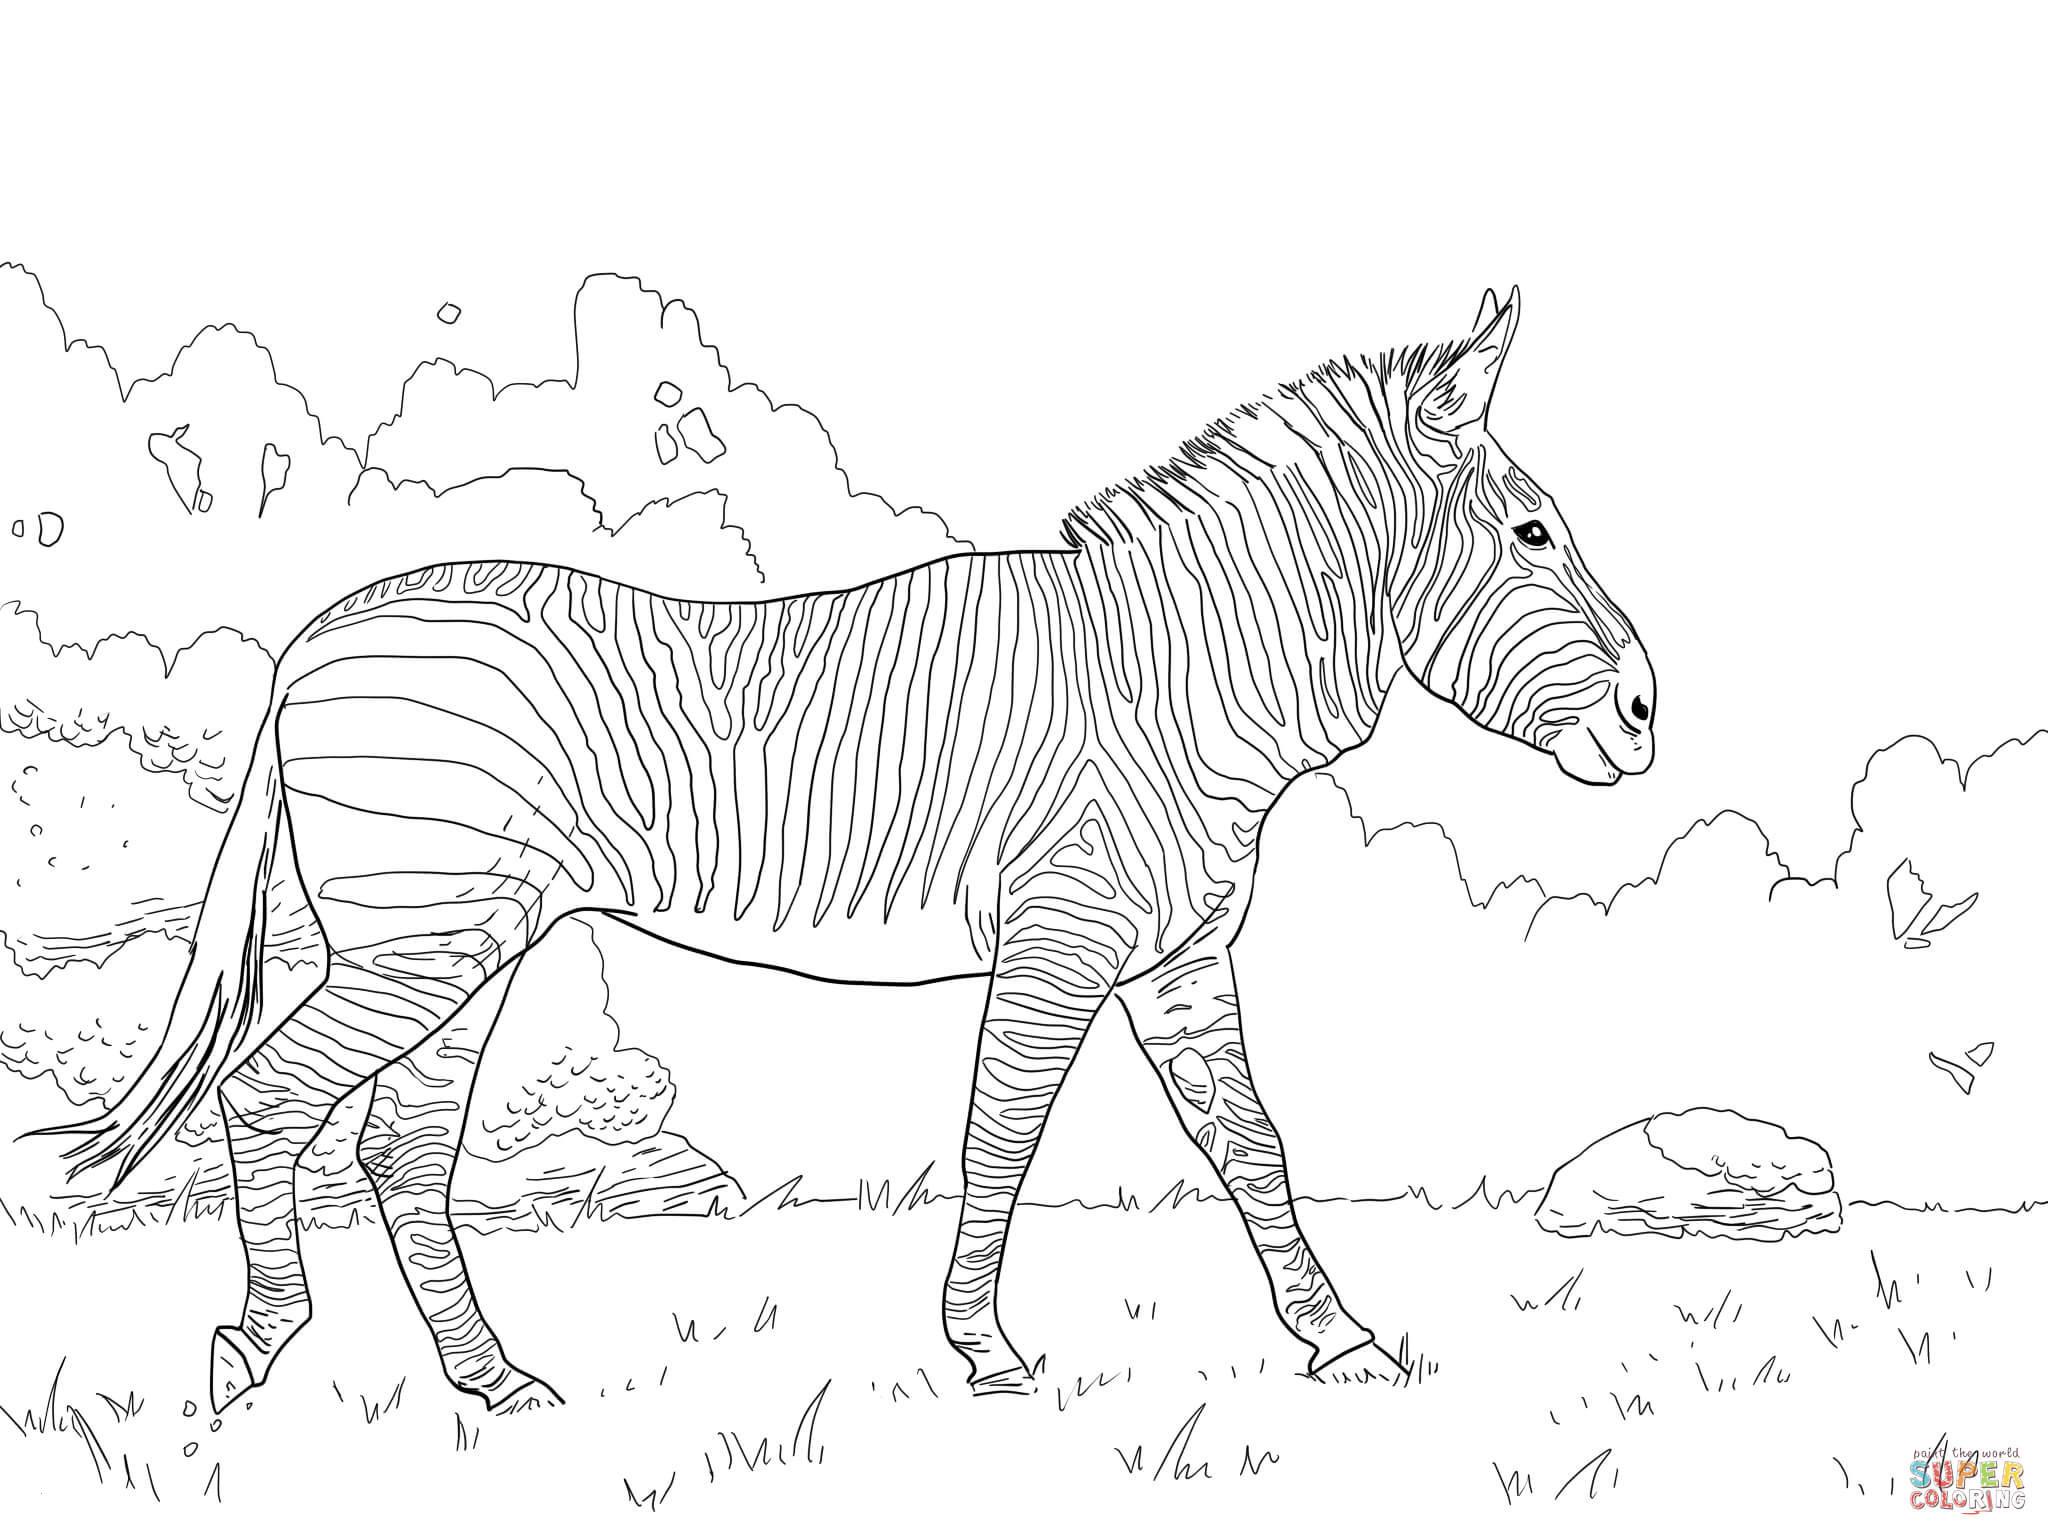 Ausmalbilder Pferde Zum Ausdrucken Kostenlos Einzigartig Ausmalbilder Pferde Kostenlos Zum Ausdrucken Inspirierend Das Bild